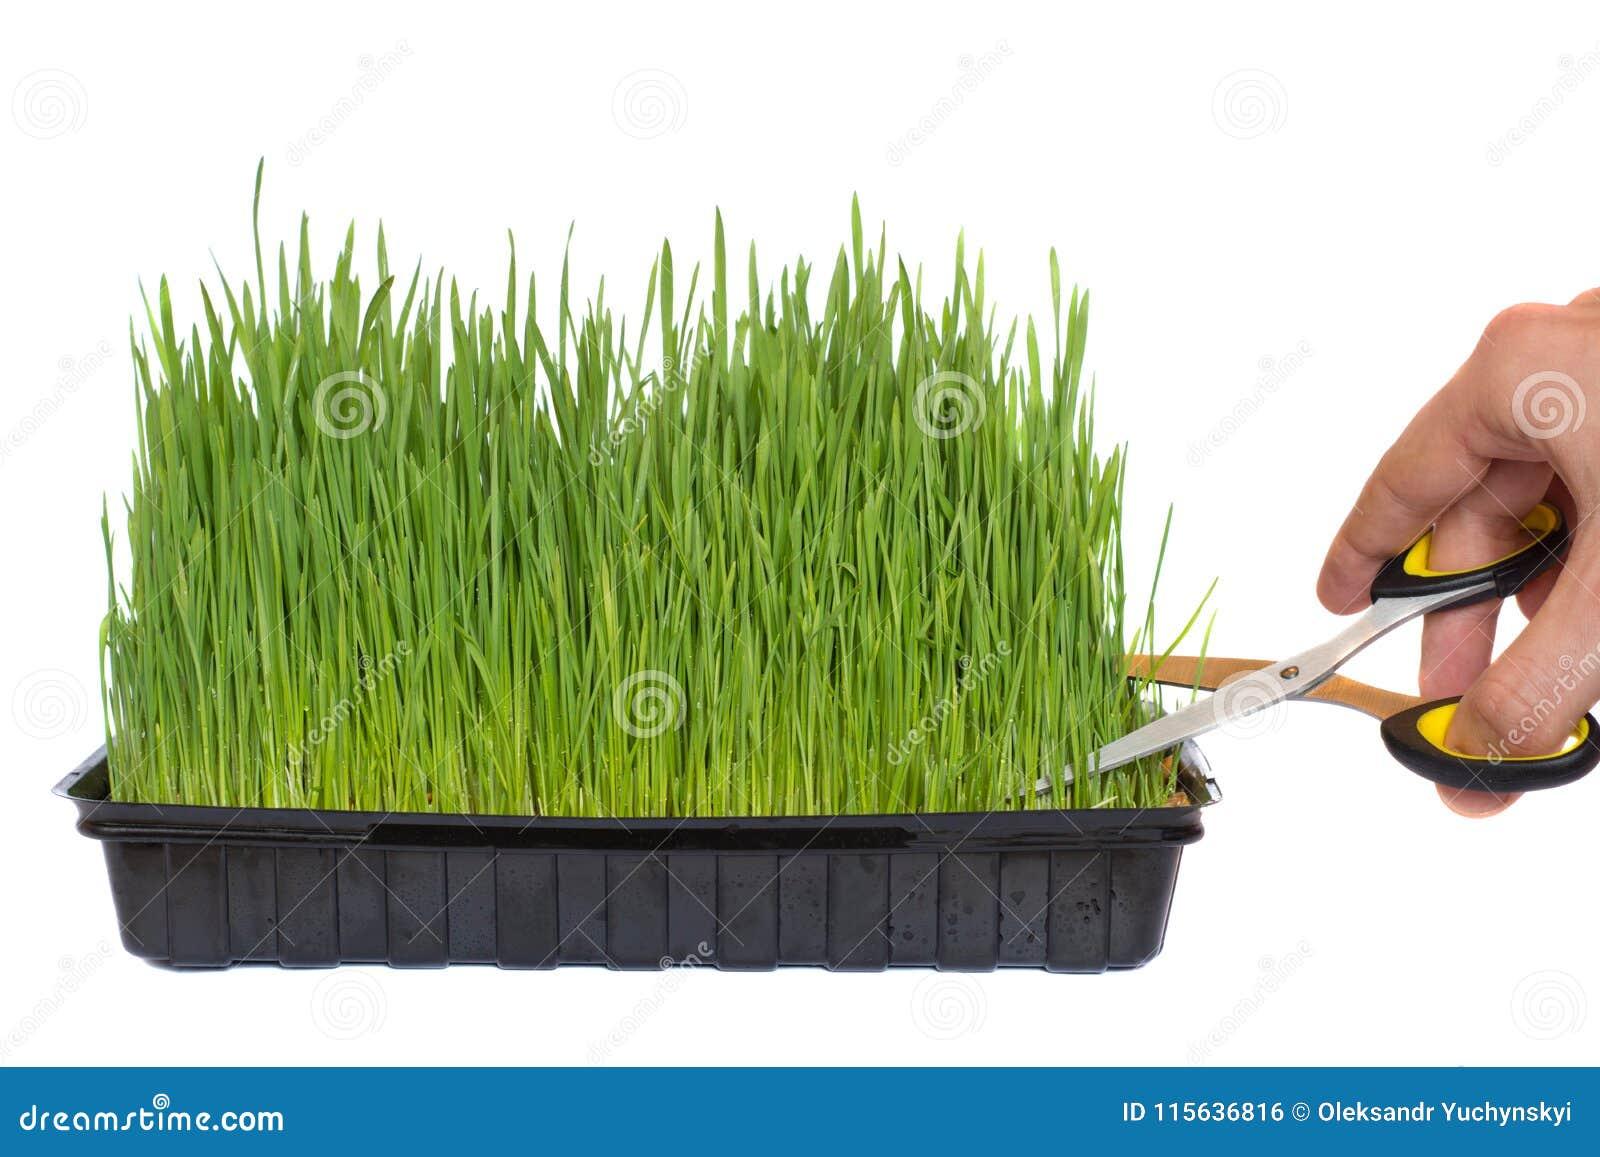 Att beskära av vete spirade i en behållare med sax